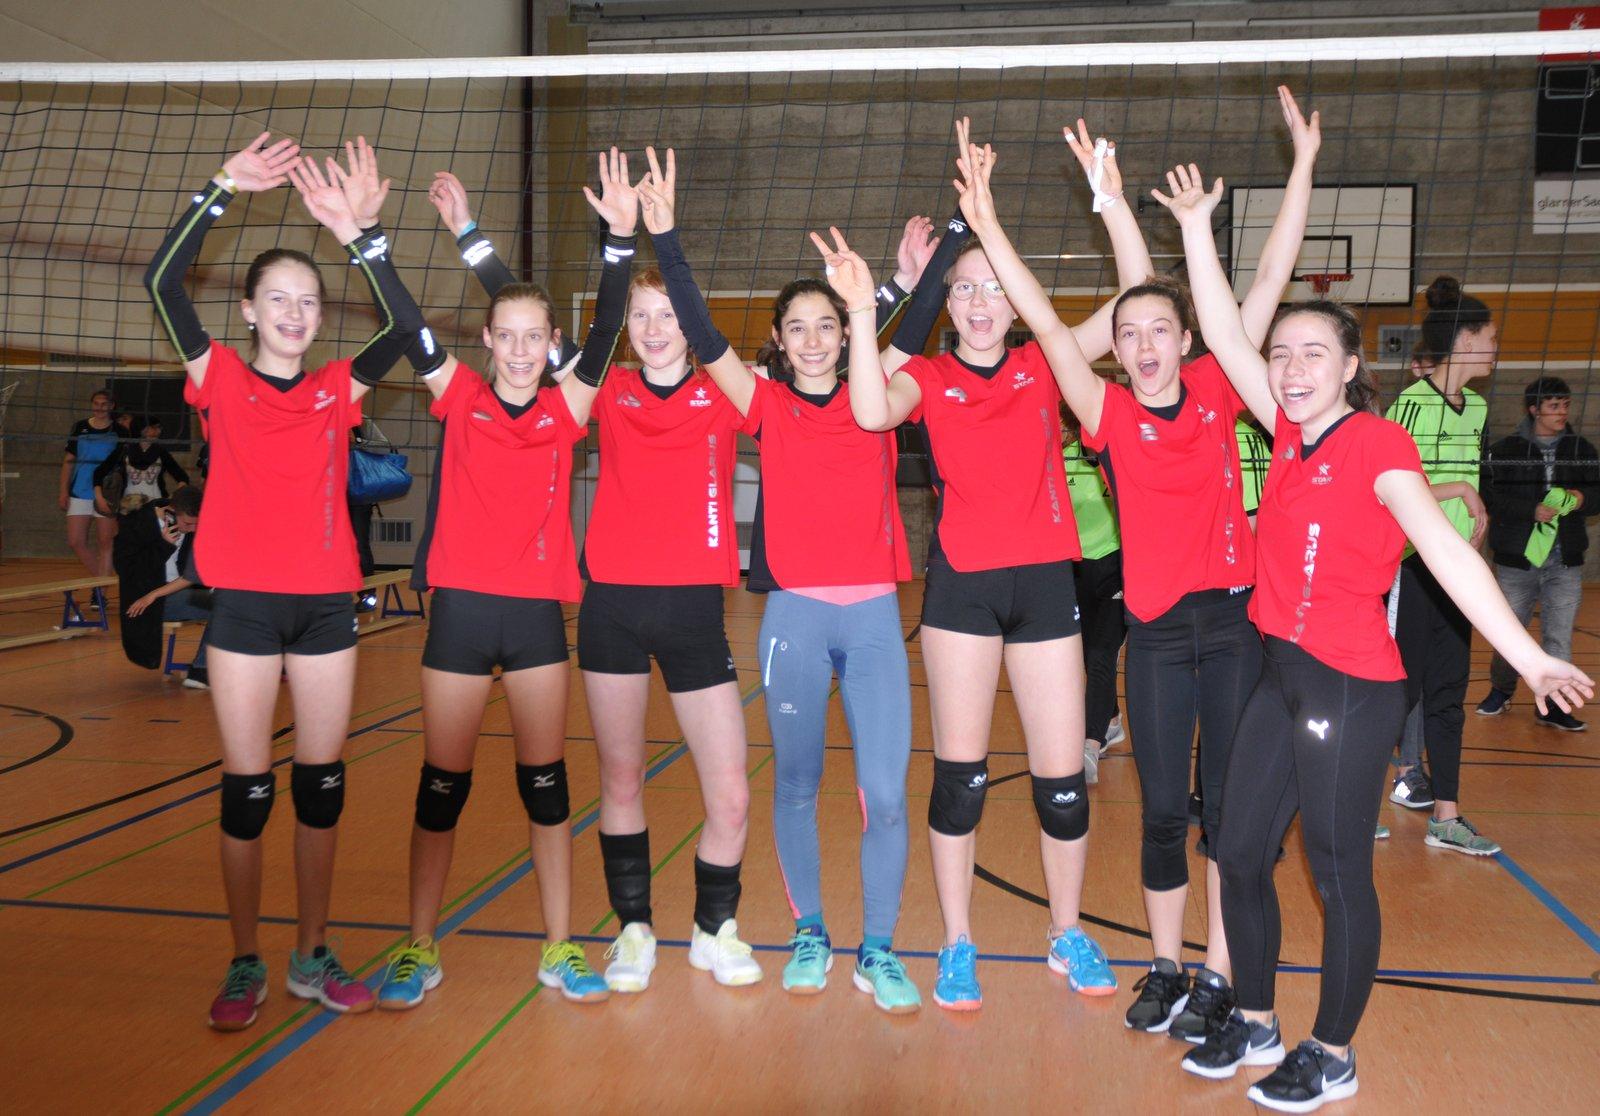 März 18: Siegerinnen im Volleyball von der Kanti Glarus